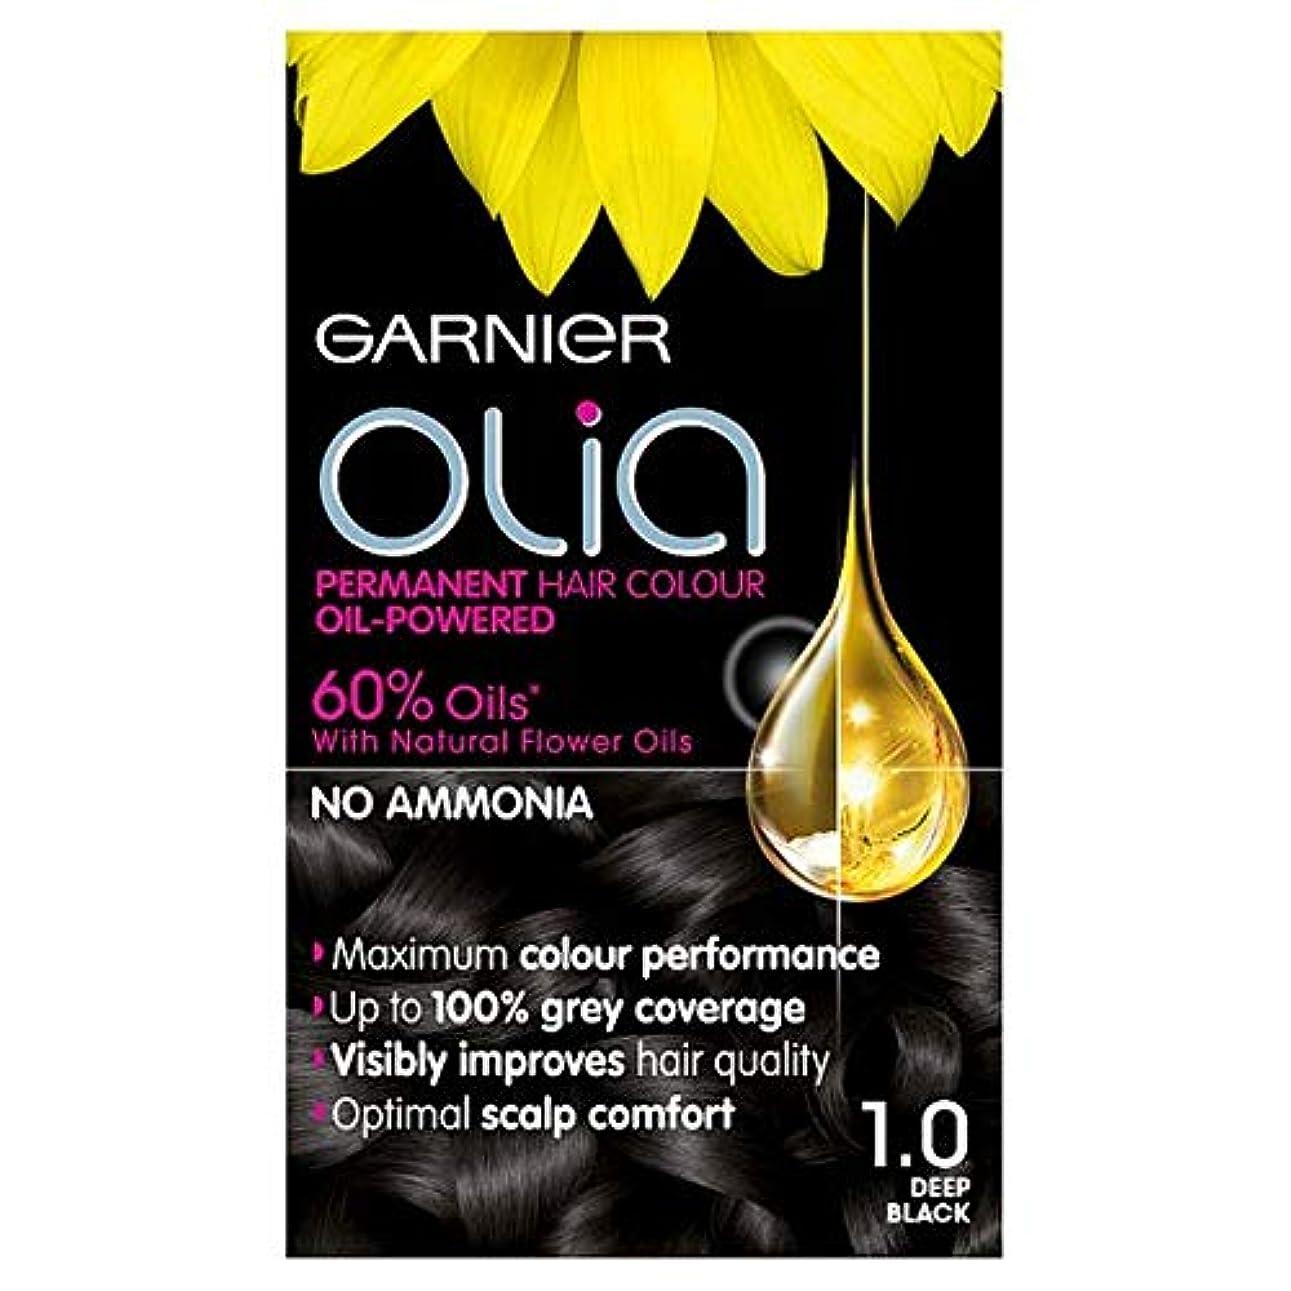 問題反対したしたい[Garnier] 1.0深い黒のパーマネントヘアダイOliaガルニエ - Garnier Olia 1.0 Deep Black Permanent Hair Dye [並行輸入品]